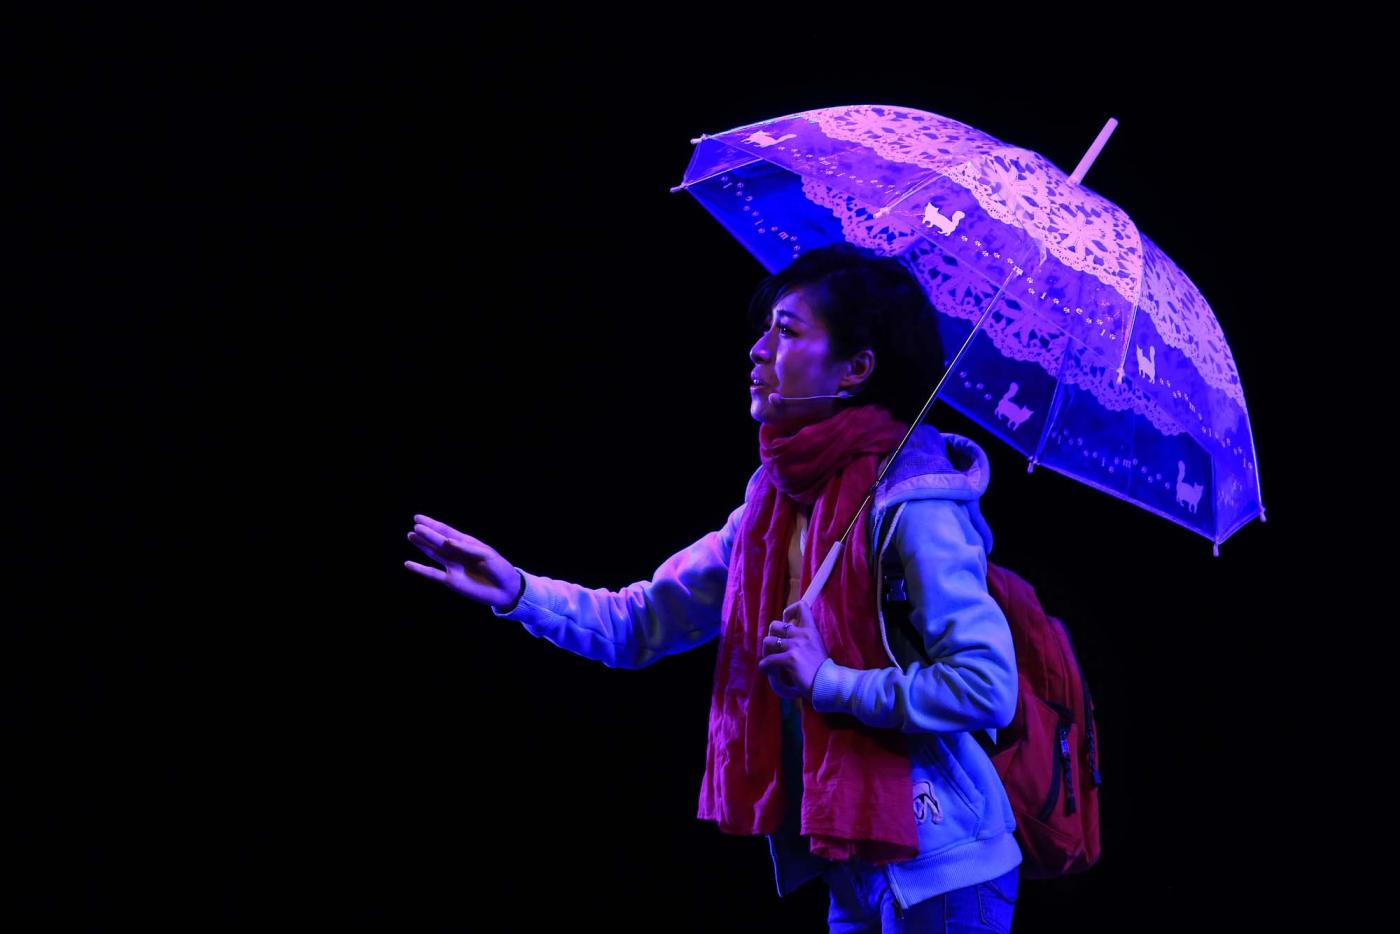 【达威】逆光下的舞台摄影_图1-12